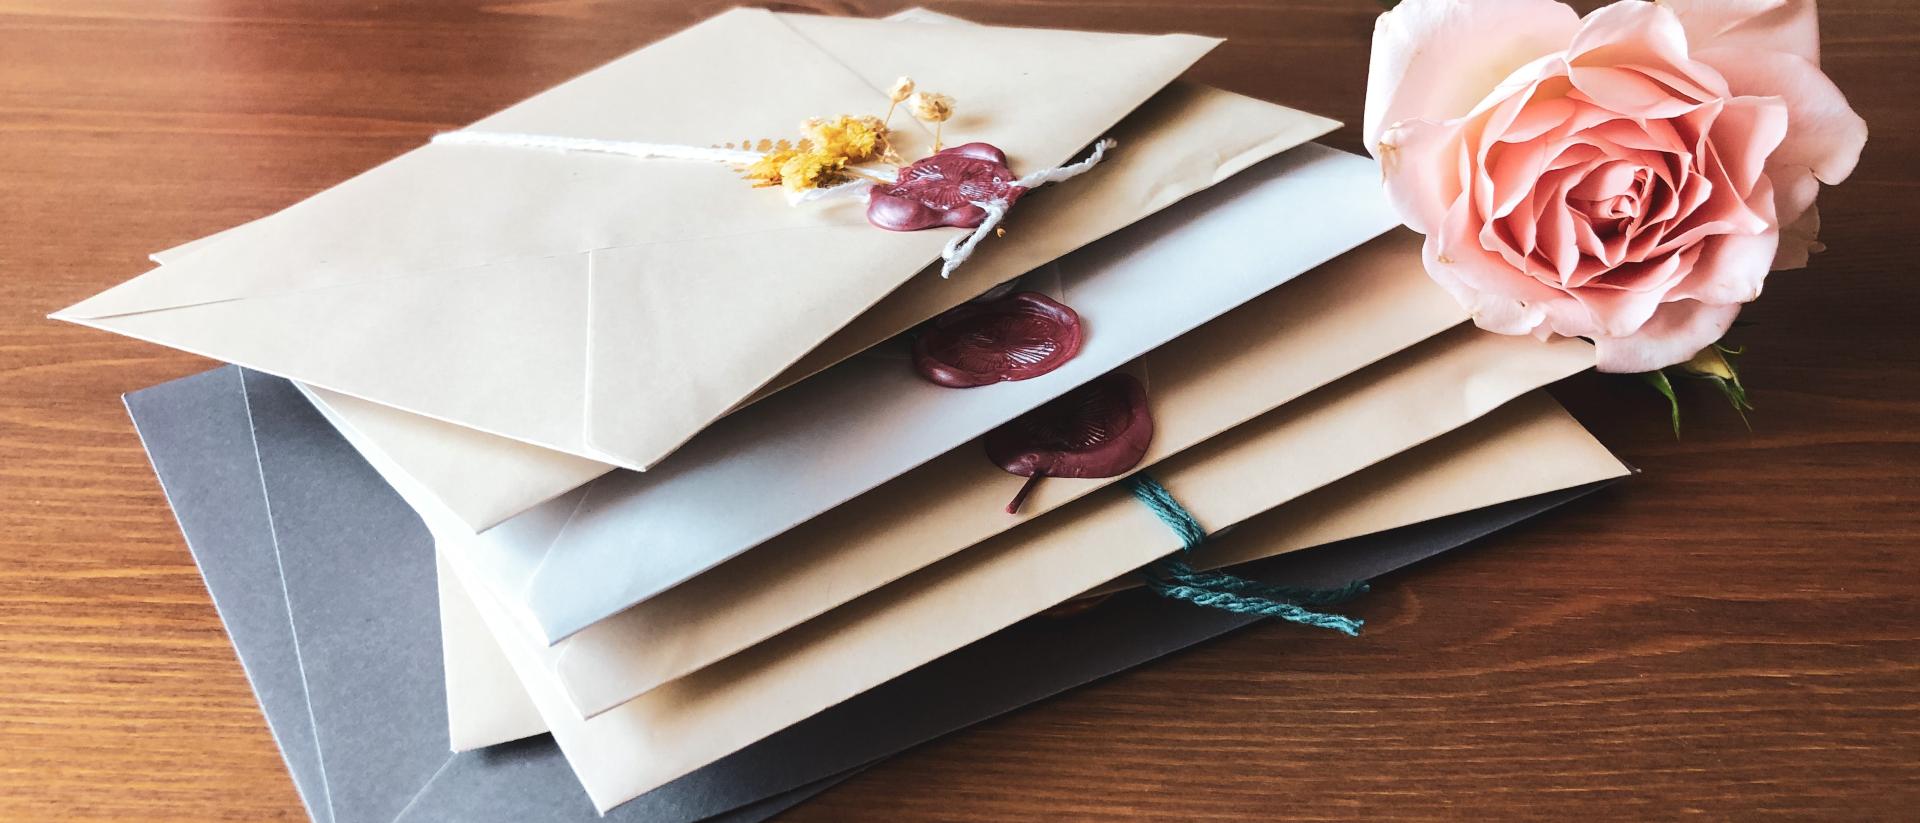 Briefumschläge und Blume